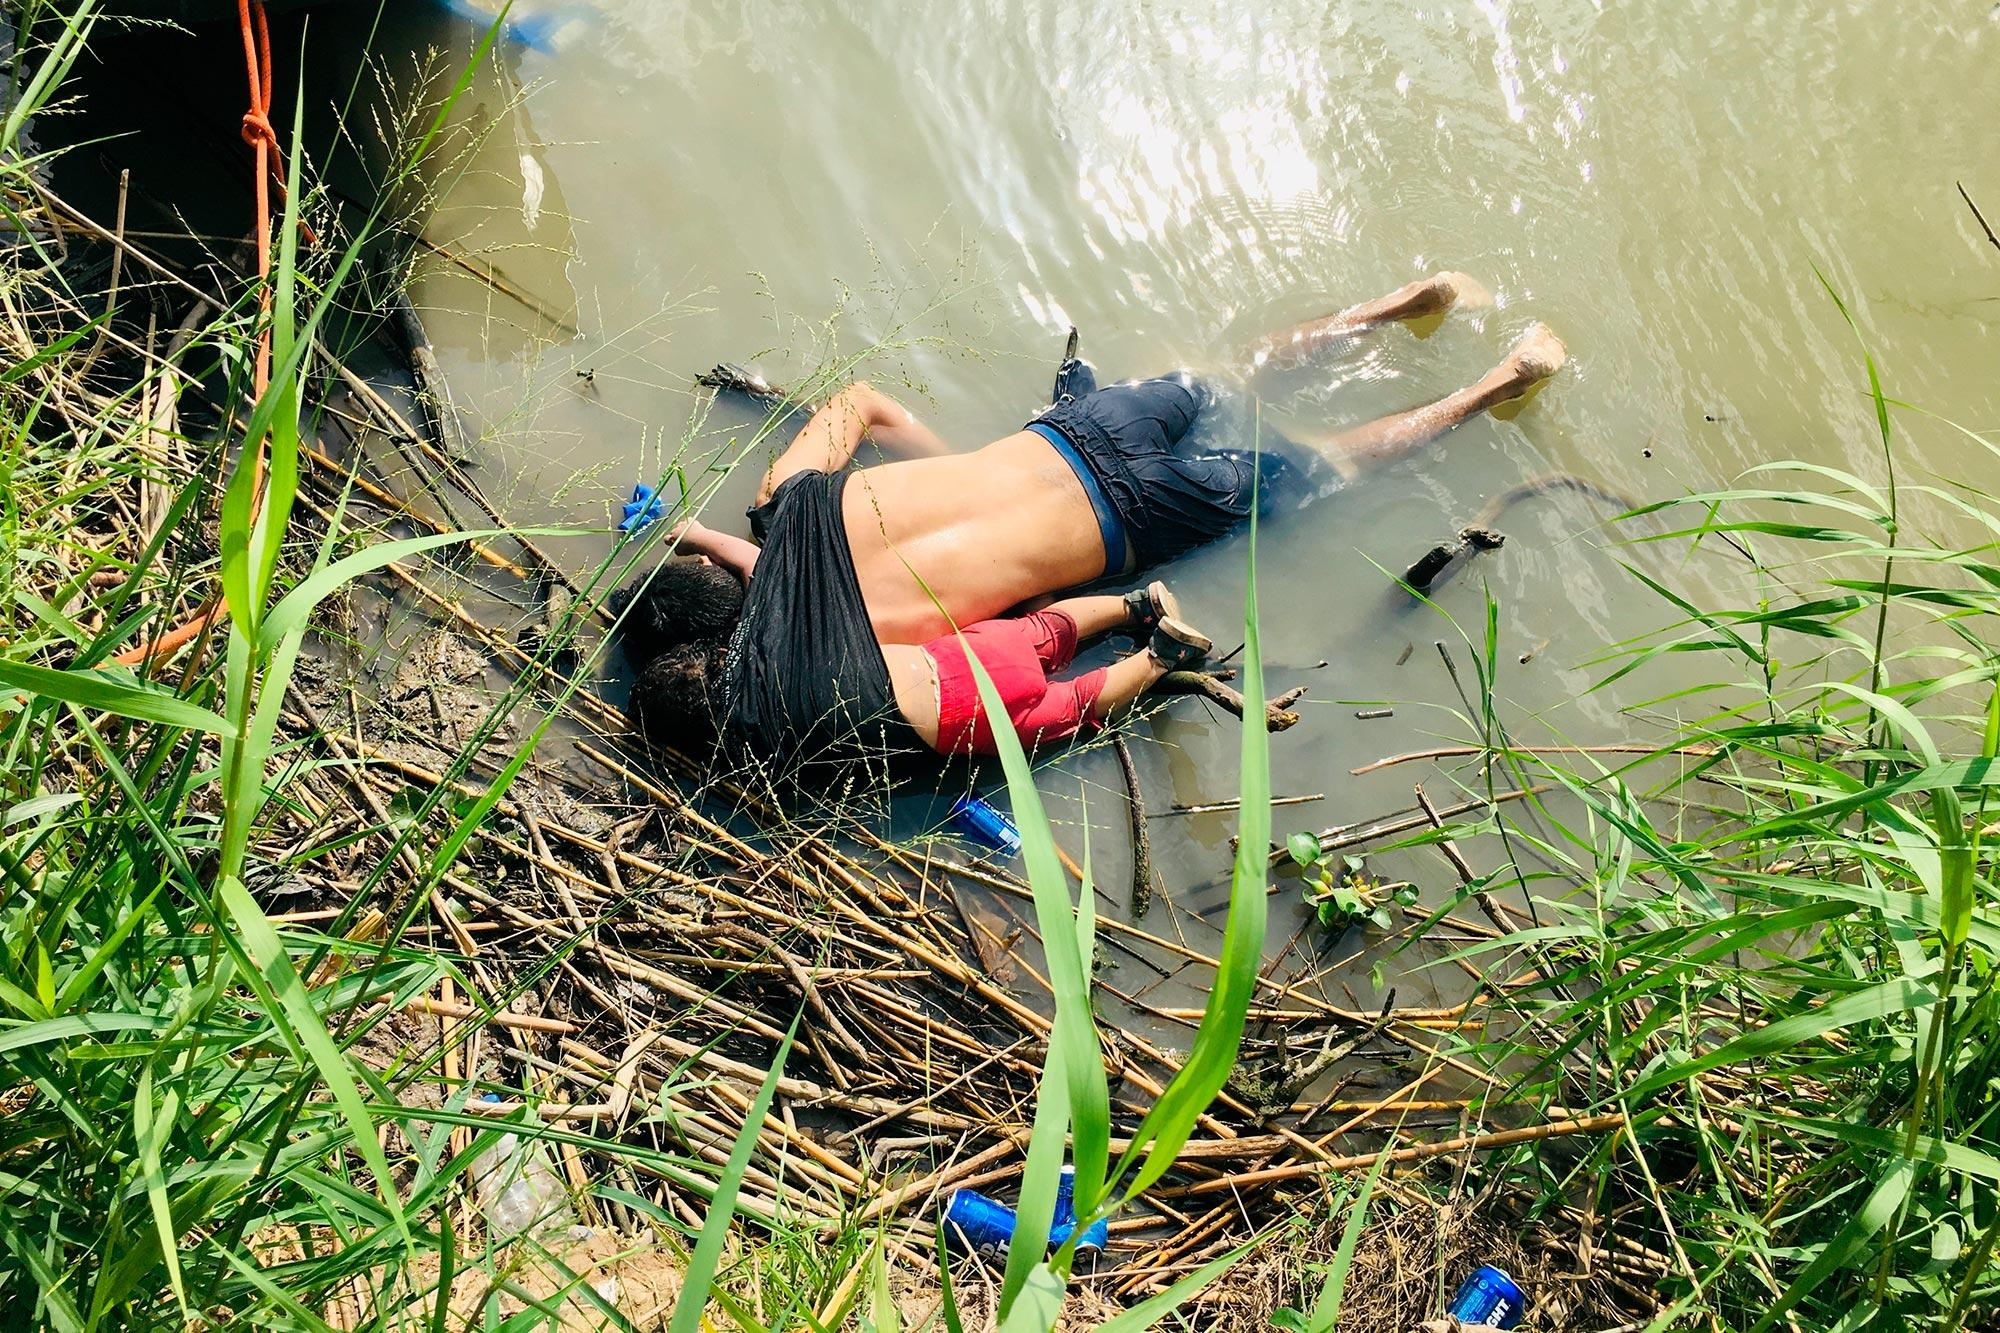 Los salvadoreños Óscar Martínez, de 25 años, y su hija Valeria, de año y medio, murieron ahogados en el río Bravo, en su intento por llegar a Estados Unidos. Esta fotografía ha dado vuelta al mundo y simboliza el estado actual de la crisis de refugiados centroamericana. Foto: Julia Le Duc /AP